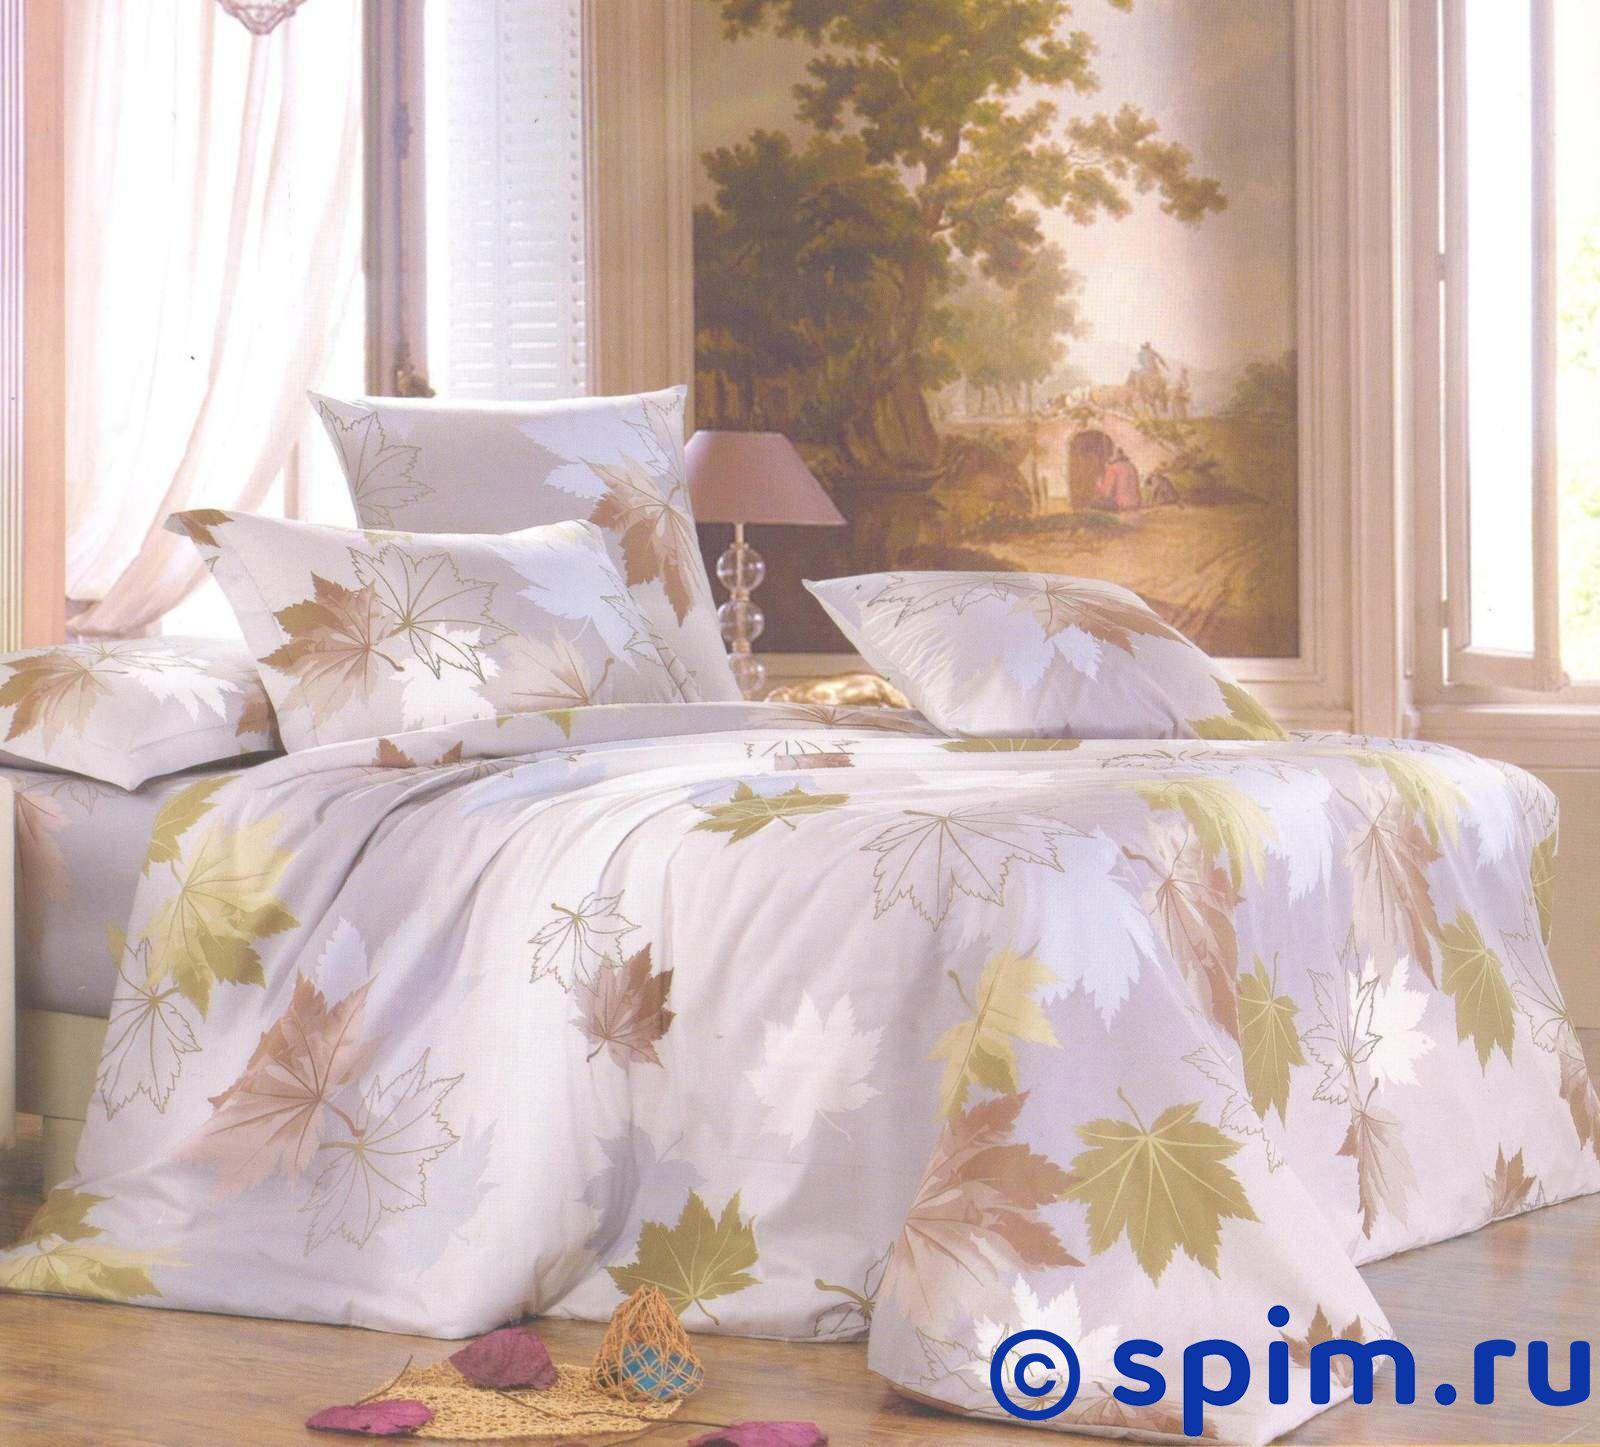 Комплект СайлиД А147 1.5 спальное